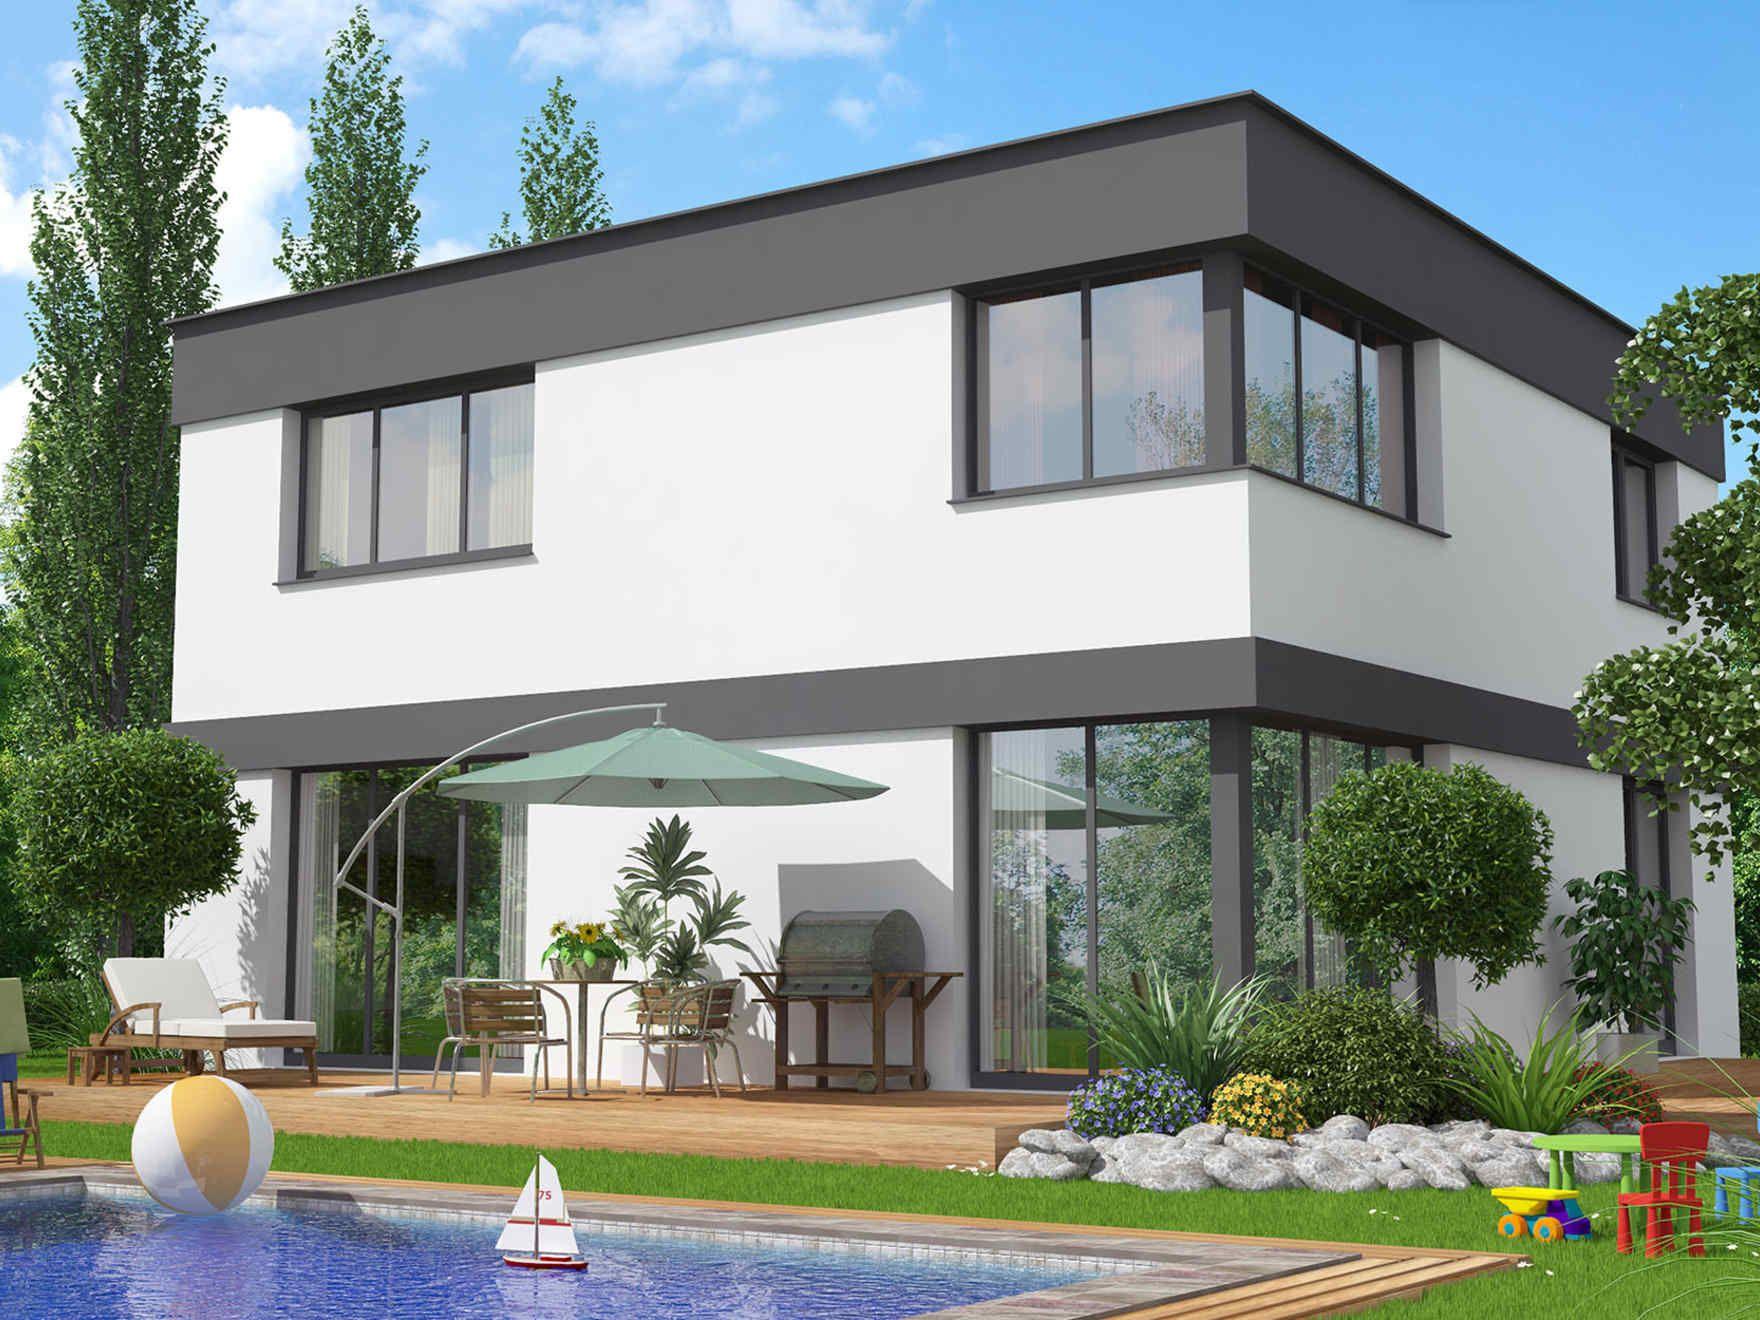 Vario haus vision gibtdemlebeneinzuhause einfamilienhaus for Minimalistisches haus grundriss